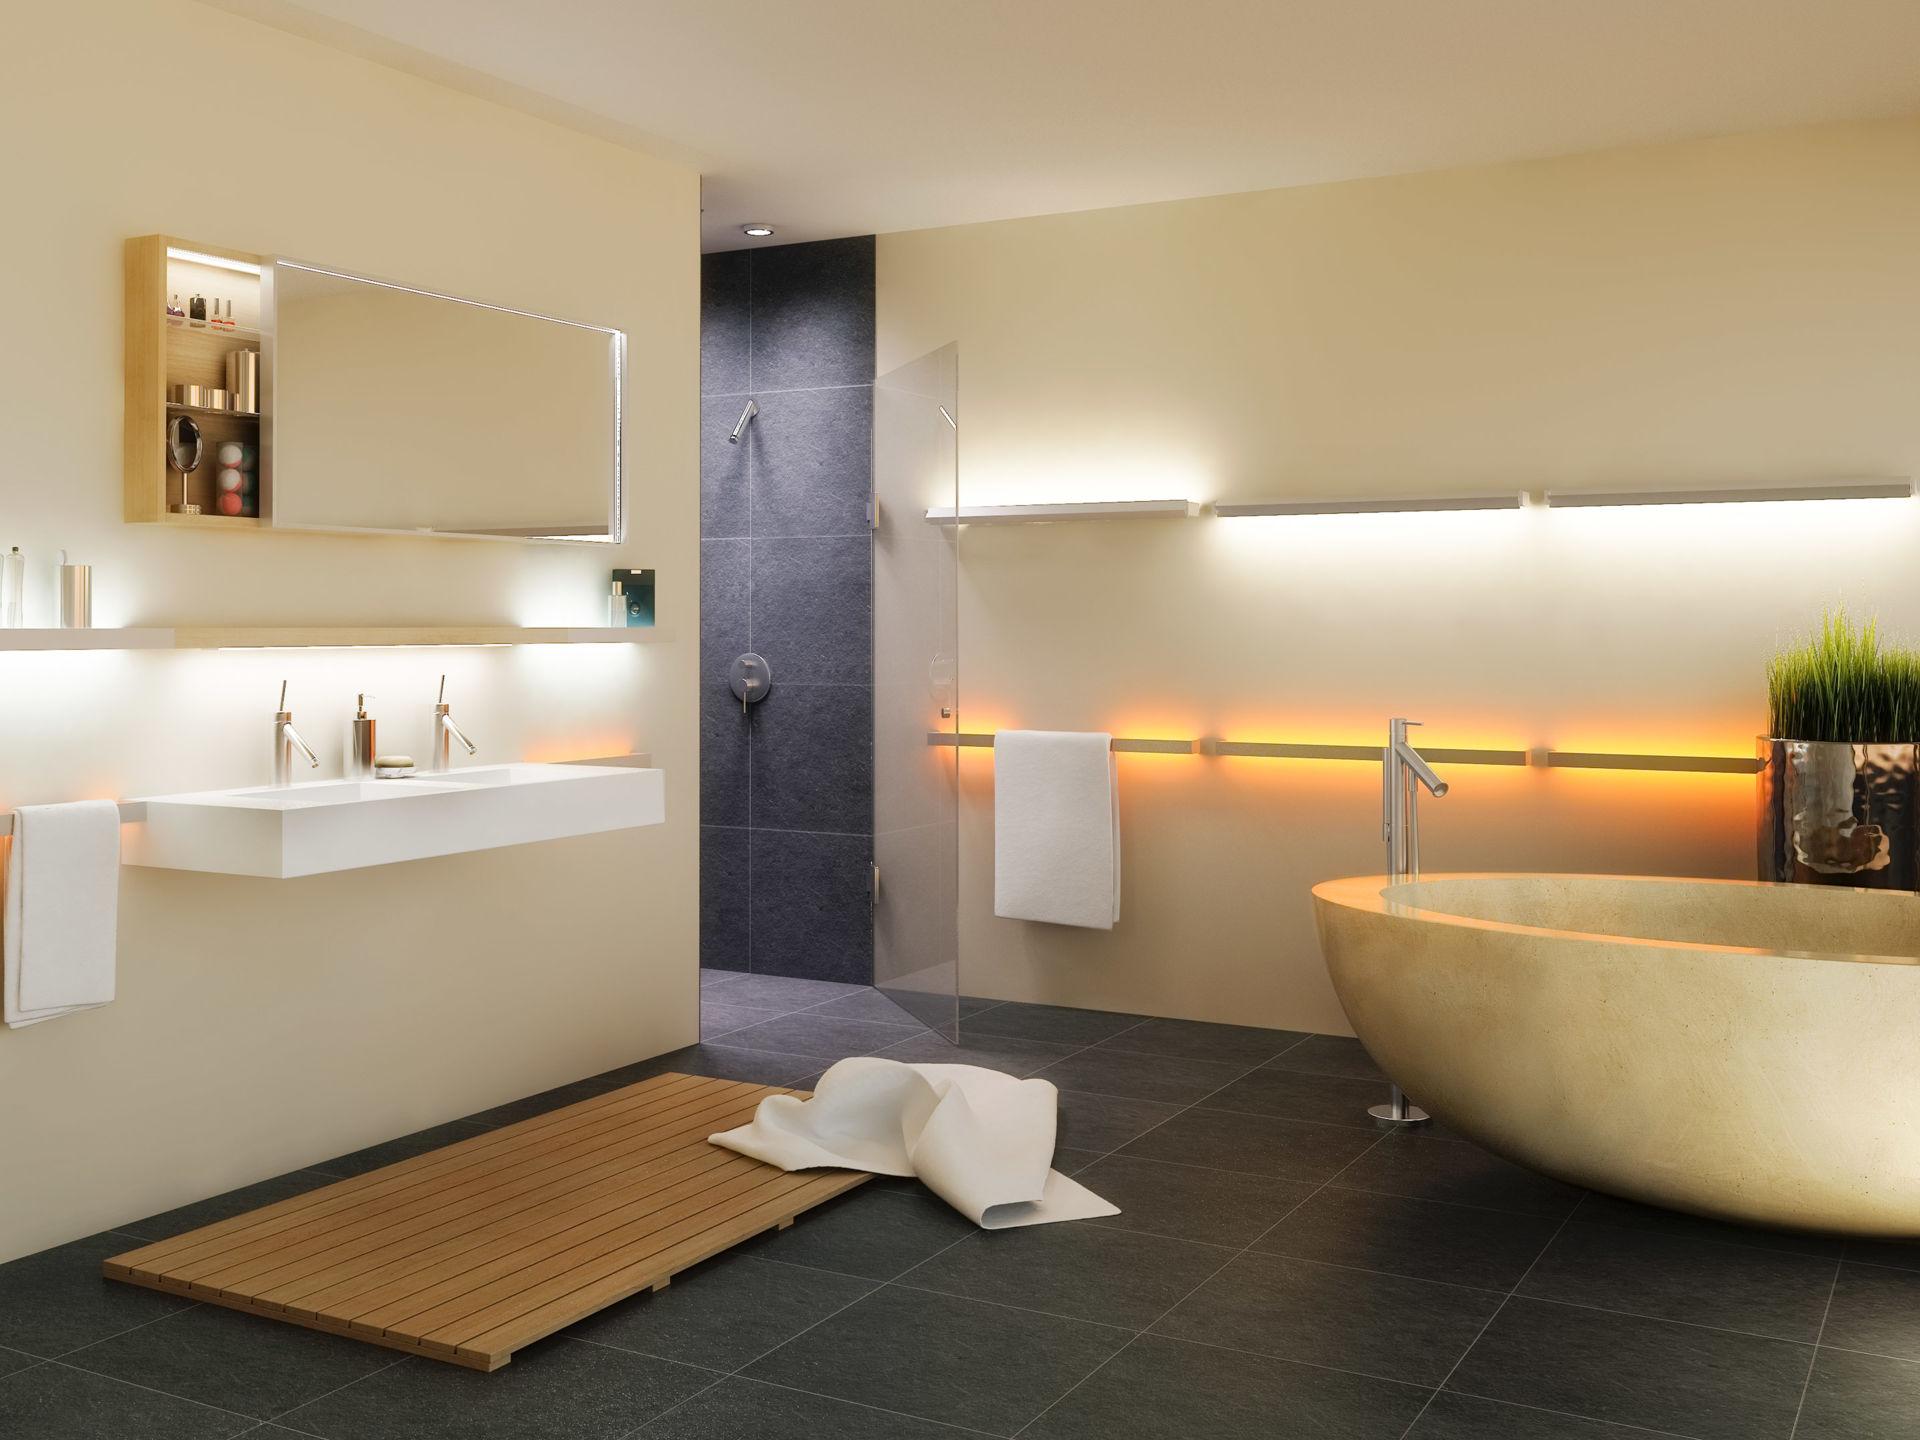 die richtige beleuchtung im bad zuhause wohnen